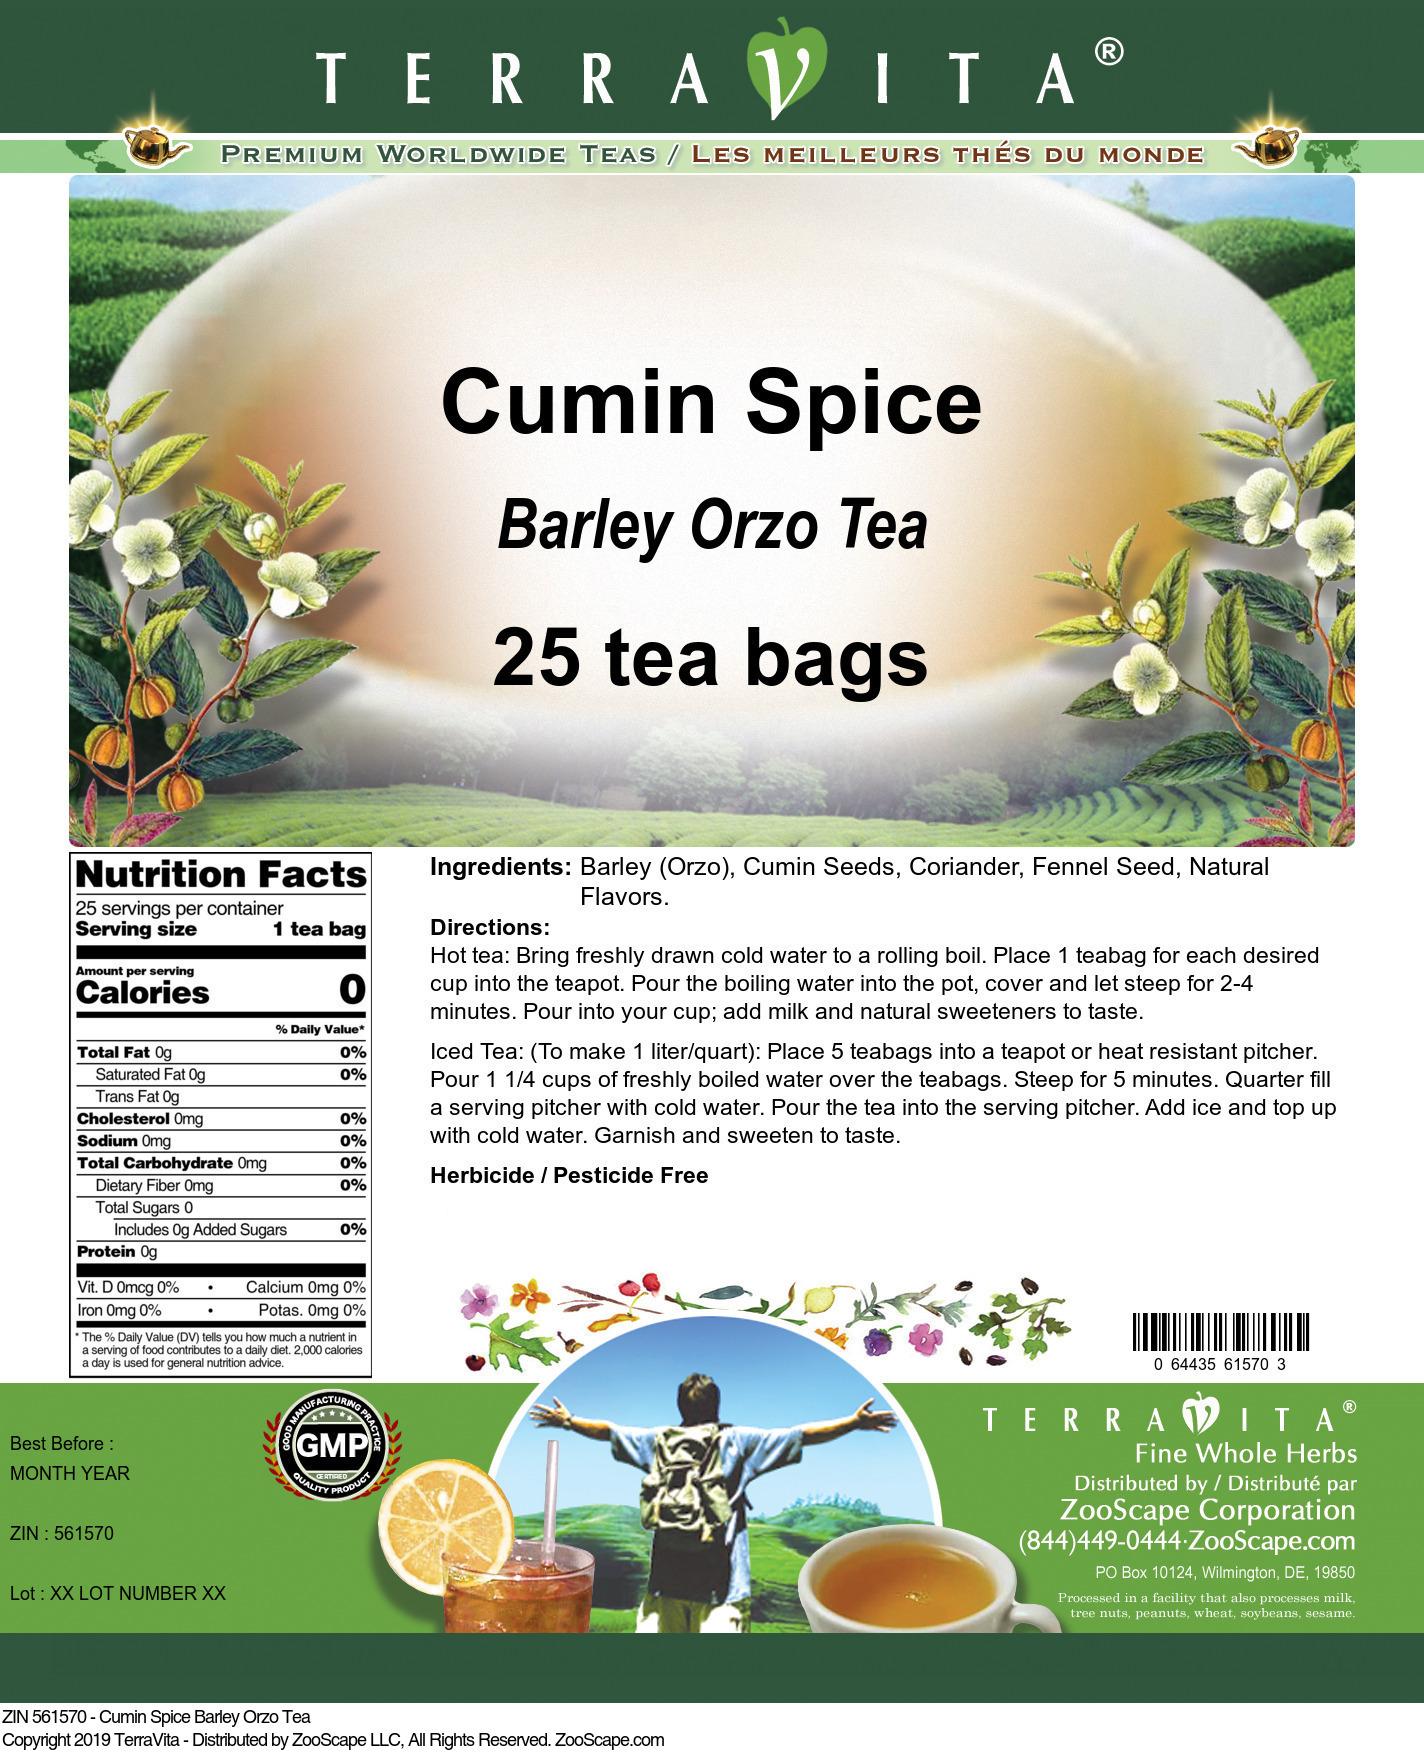 Cumin Spice Barley Orzo Tea